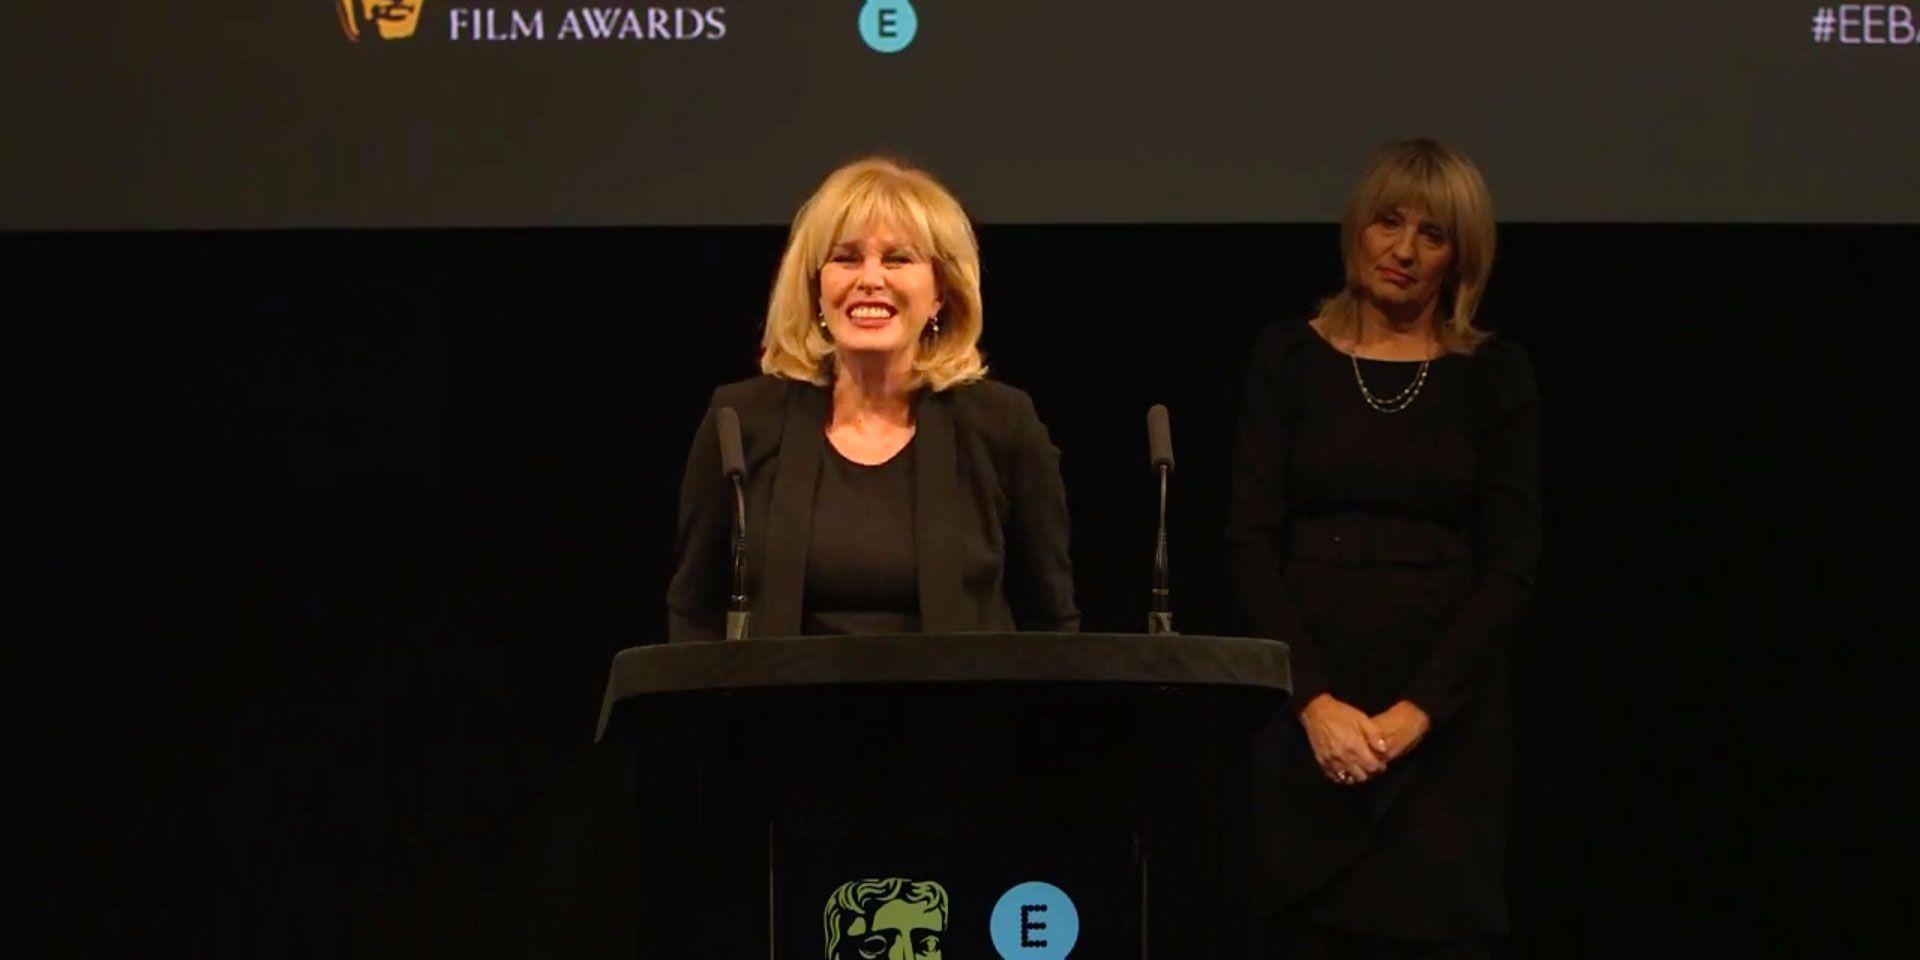 Joanna Lumley, announced as 2018 BAFTA Award host